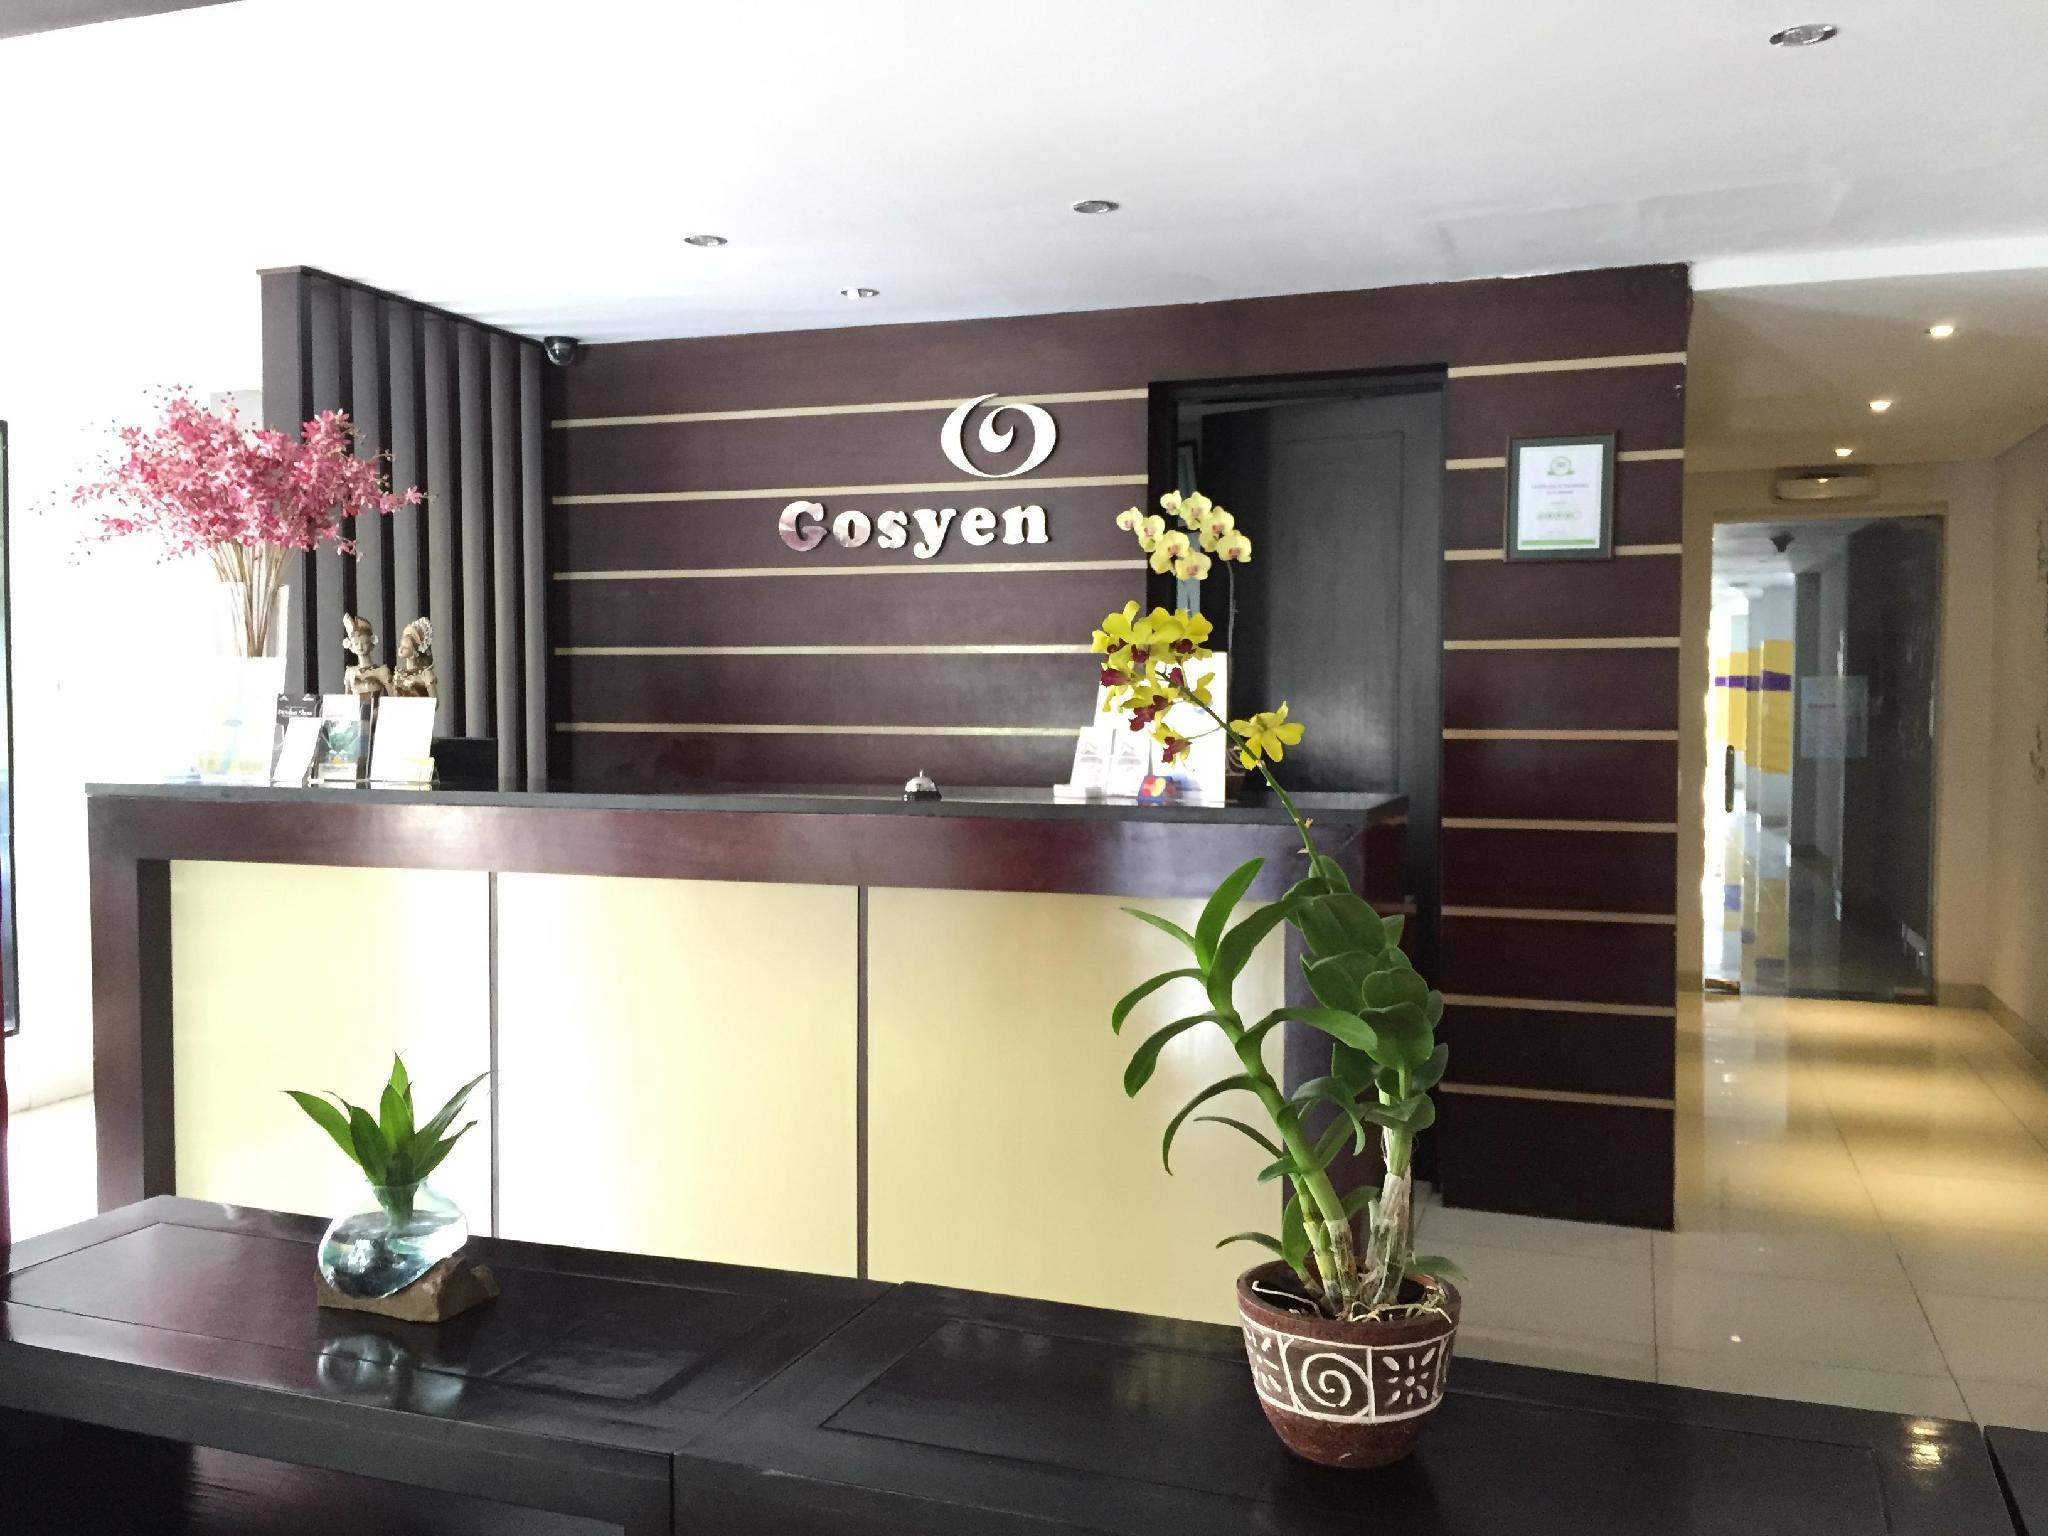 Hotell Gosyen Hotel